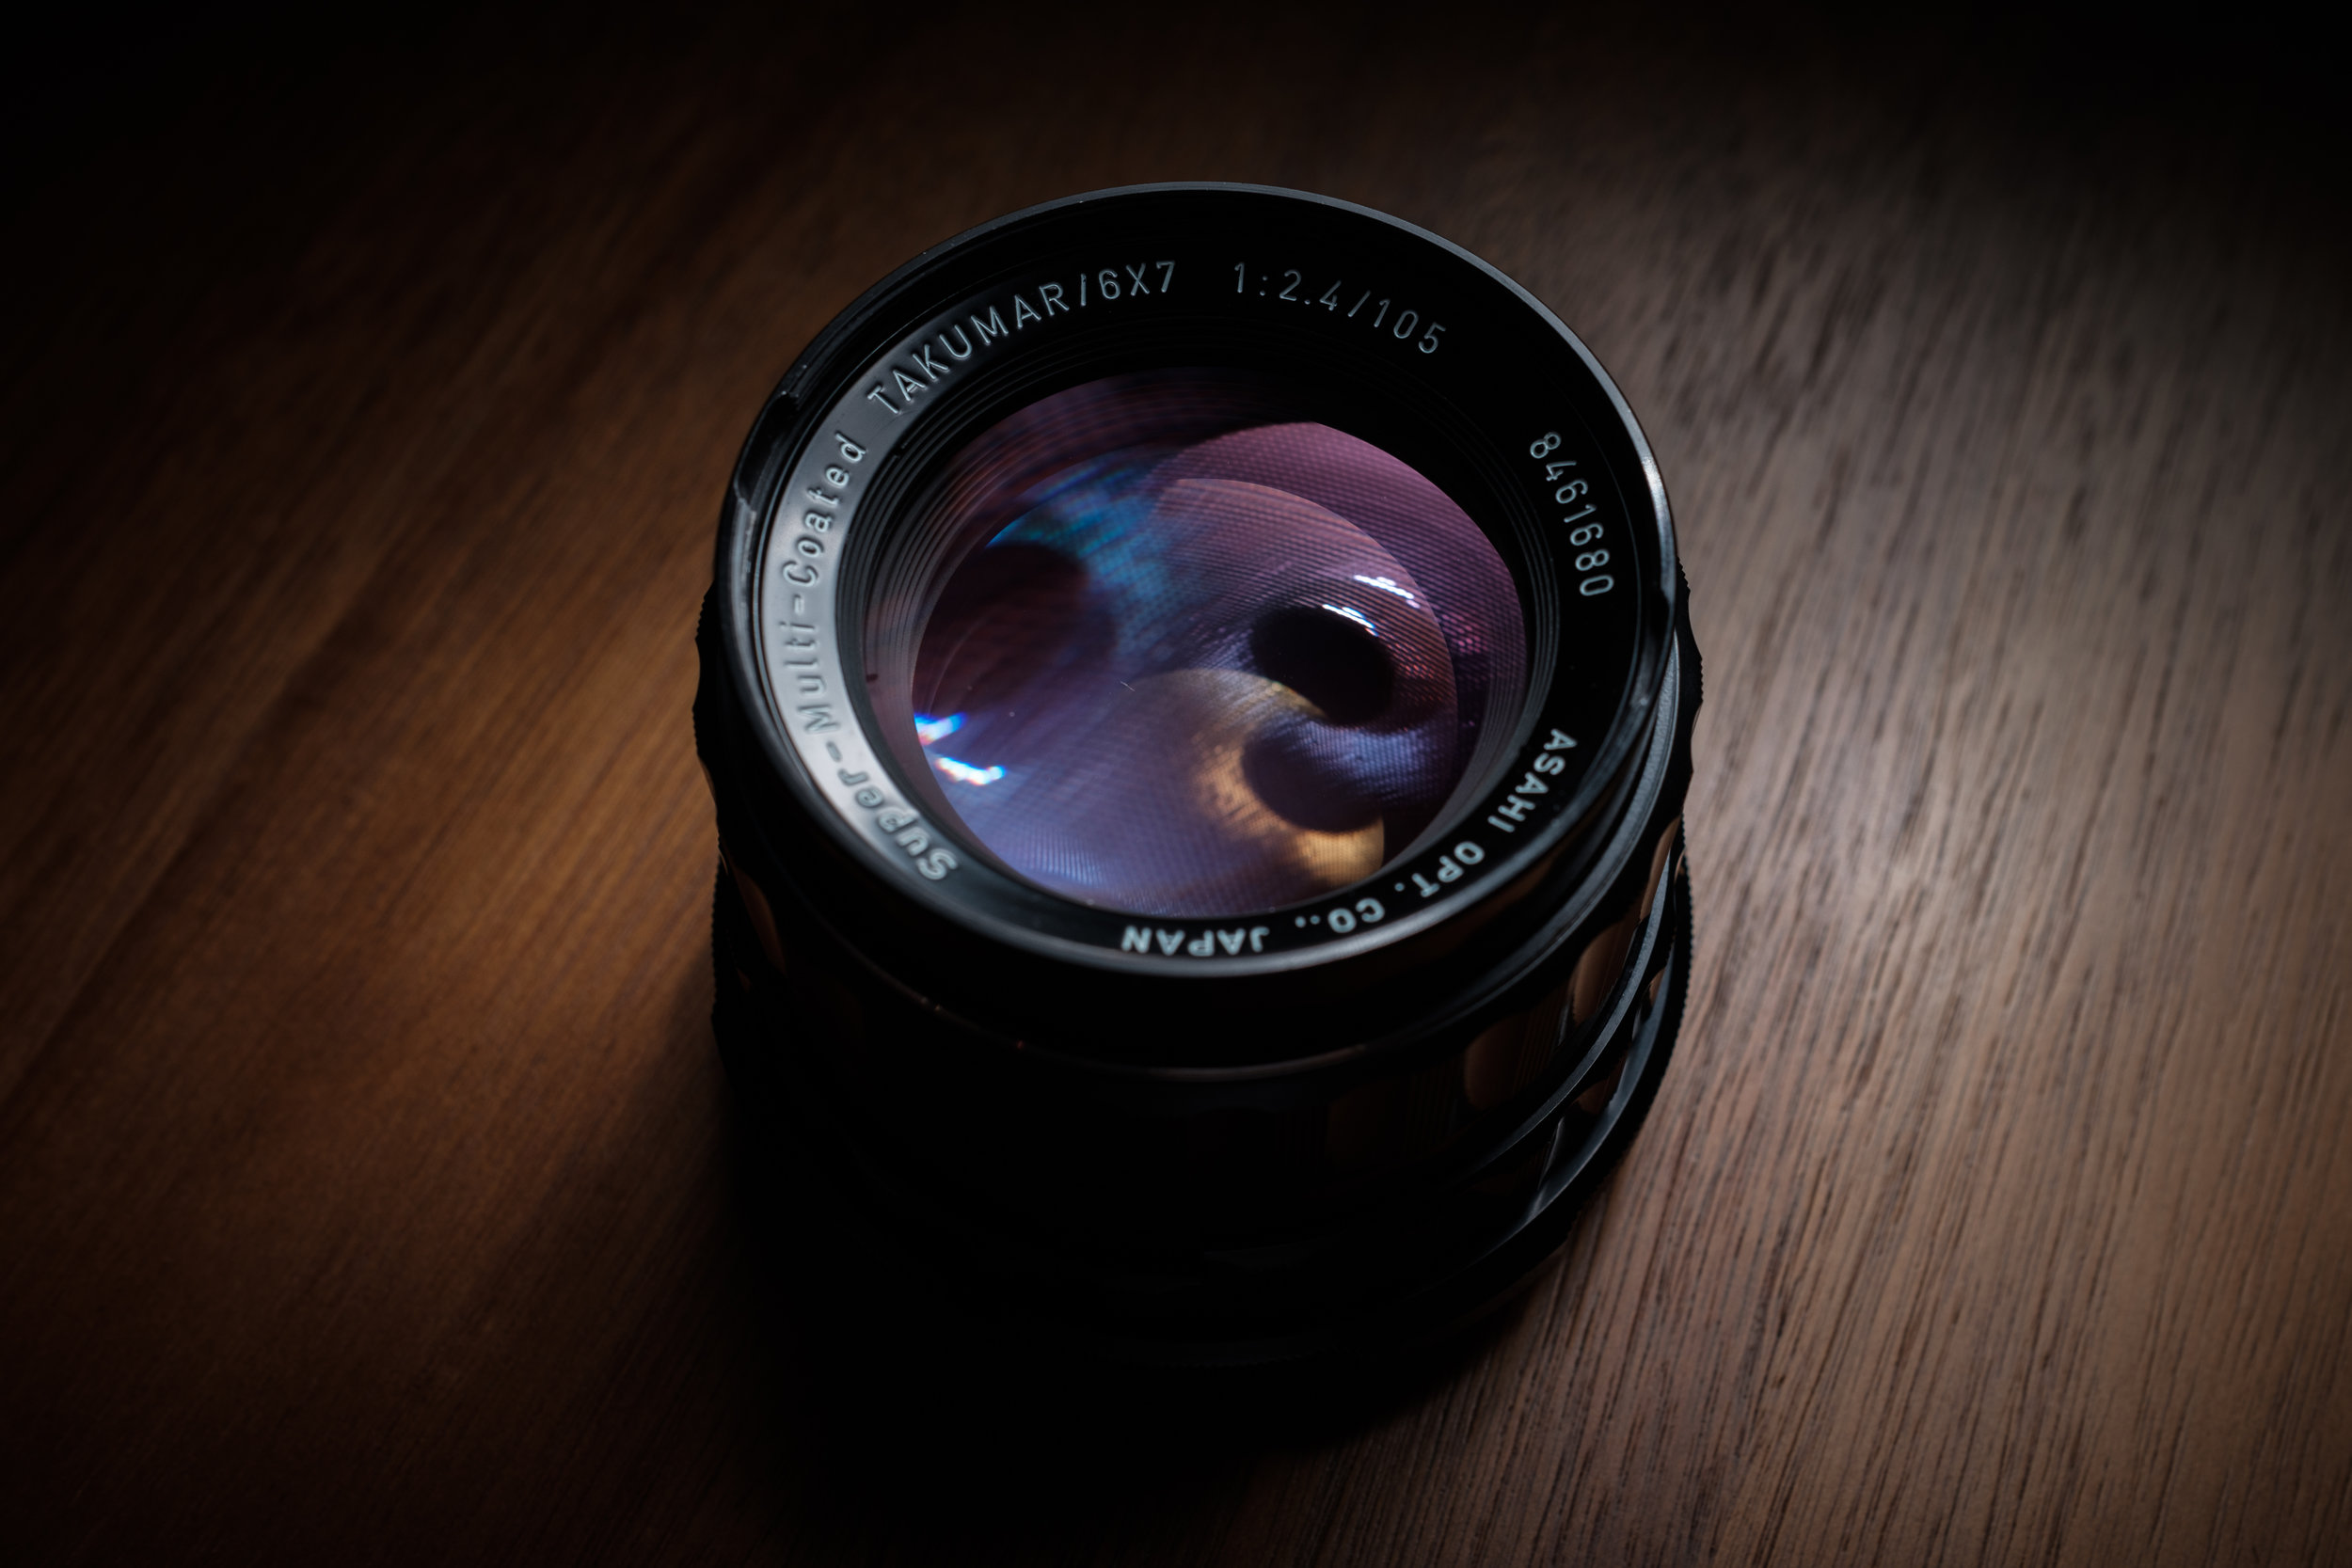 Pentax 67 105mm f2.4